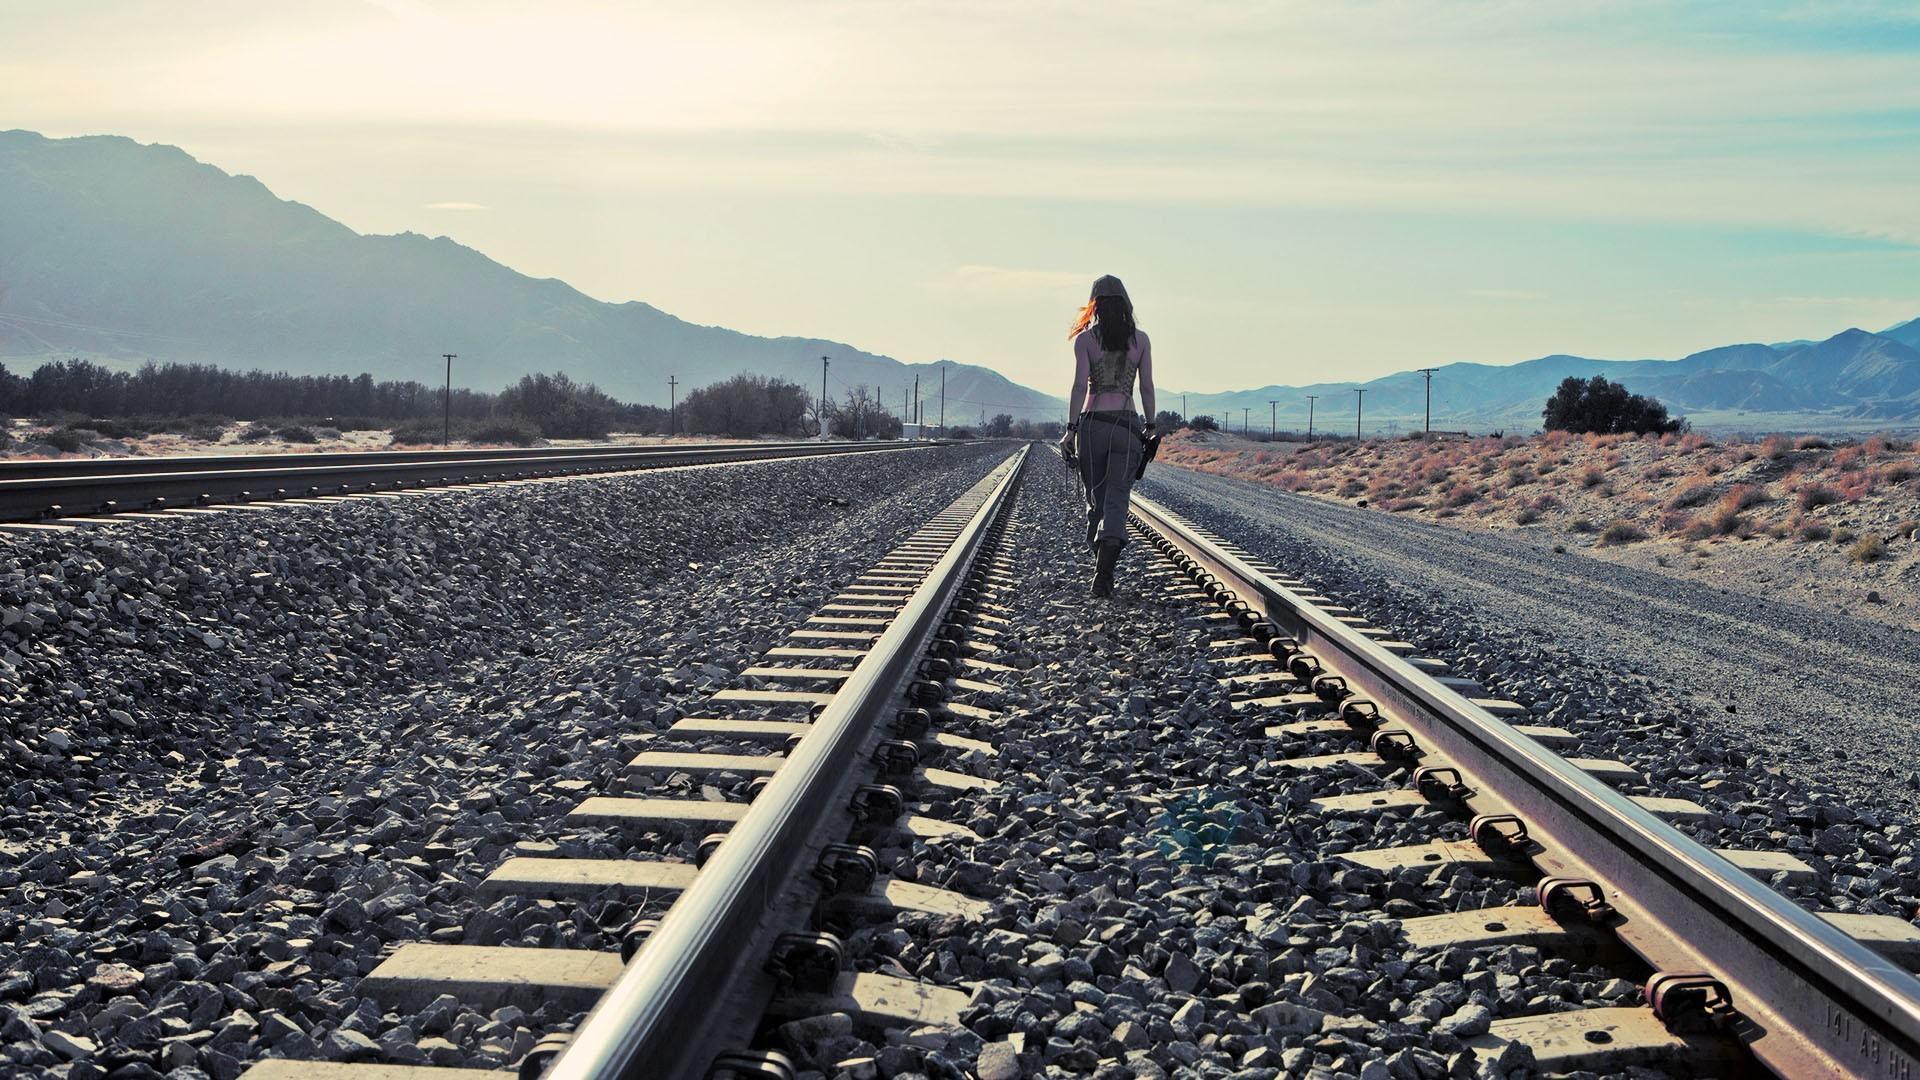 … HD Train Tracks Wallpaper